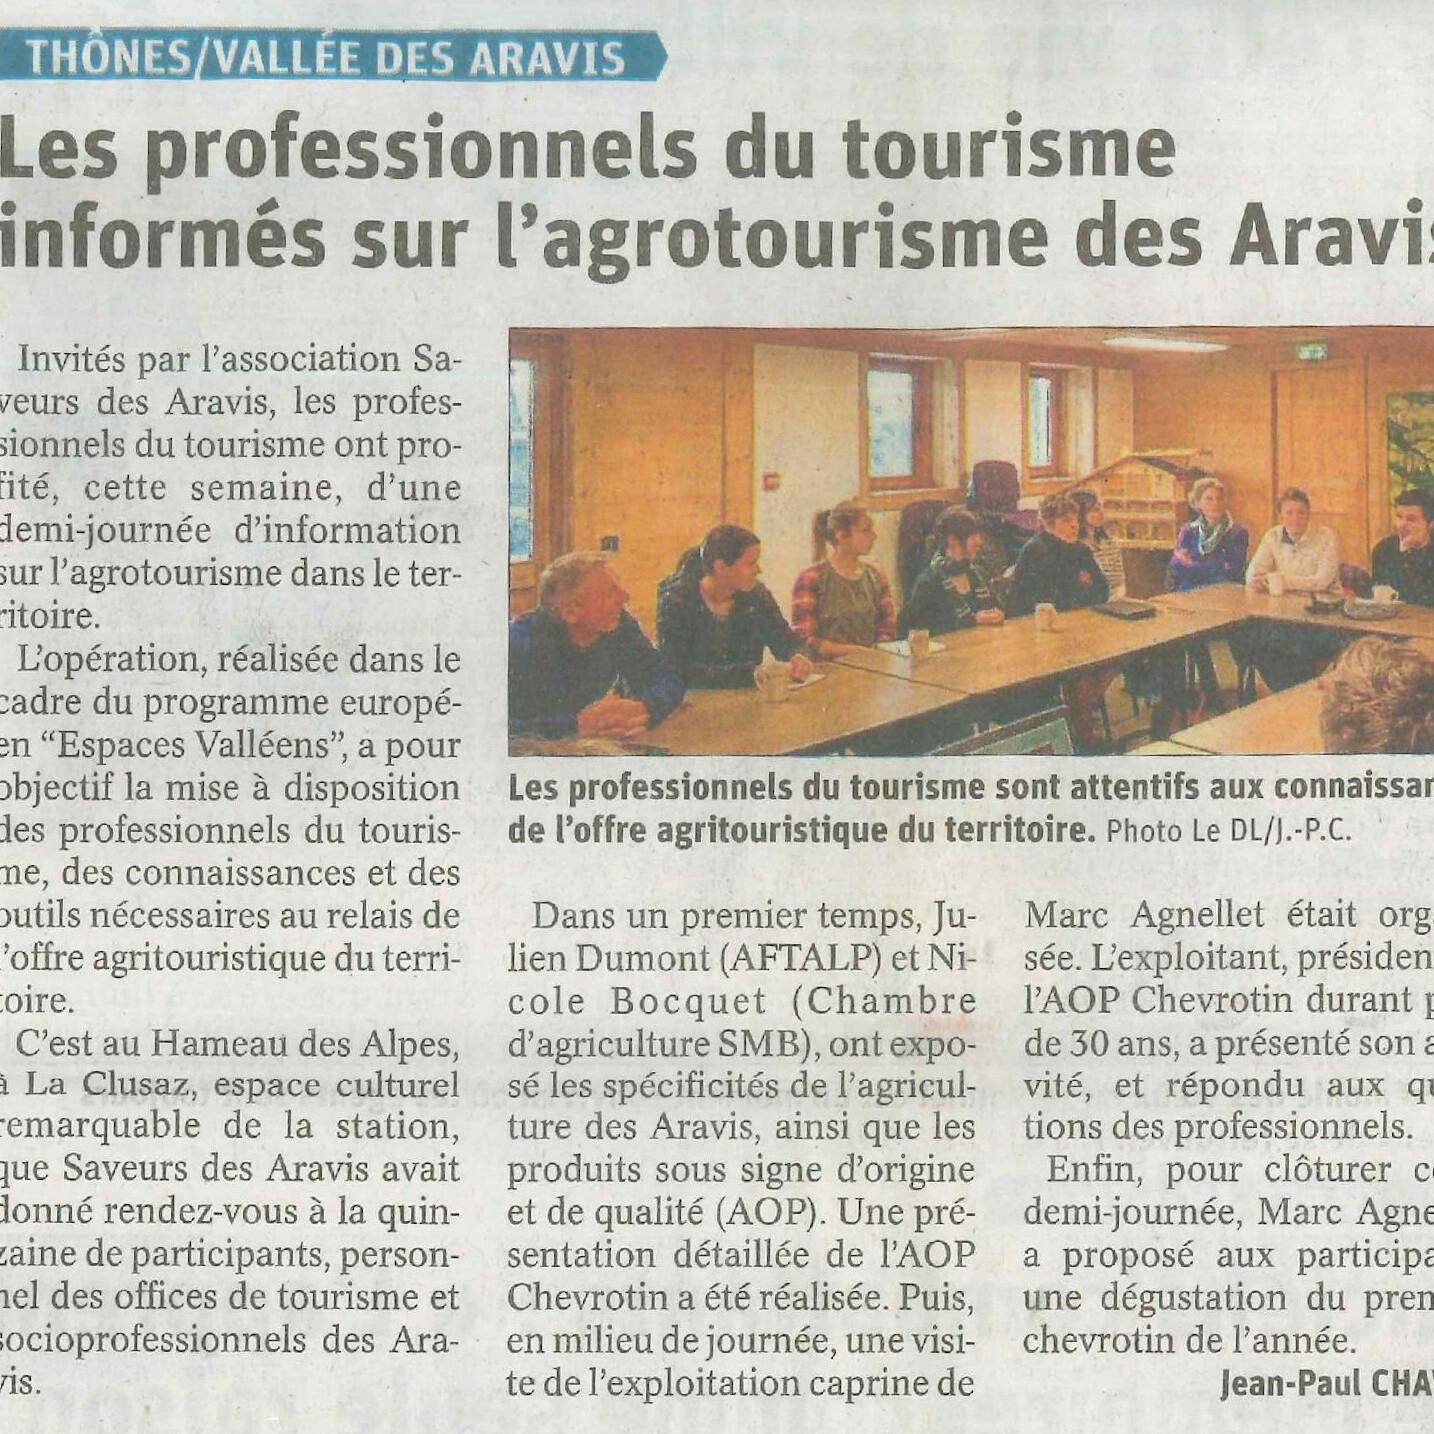 19.01.2020 - LE DAUPHINE - LES PROFESSIONNELS DU TOURISME INFORMES SUR L'AGROTOURISME DES ARAVIS